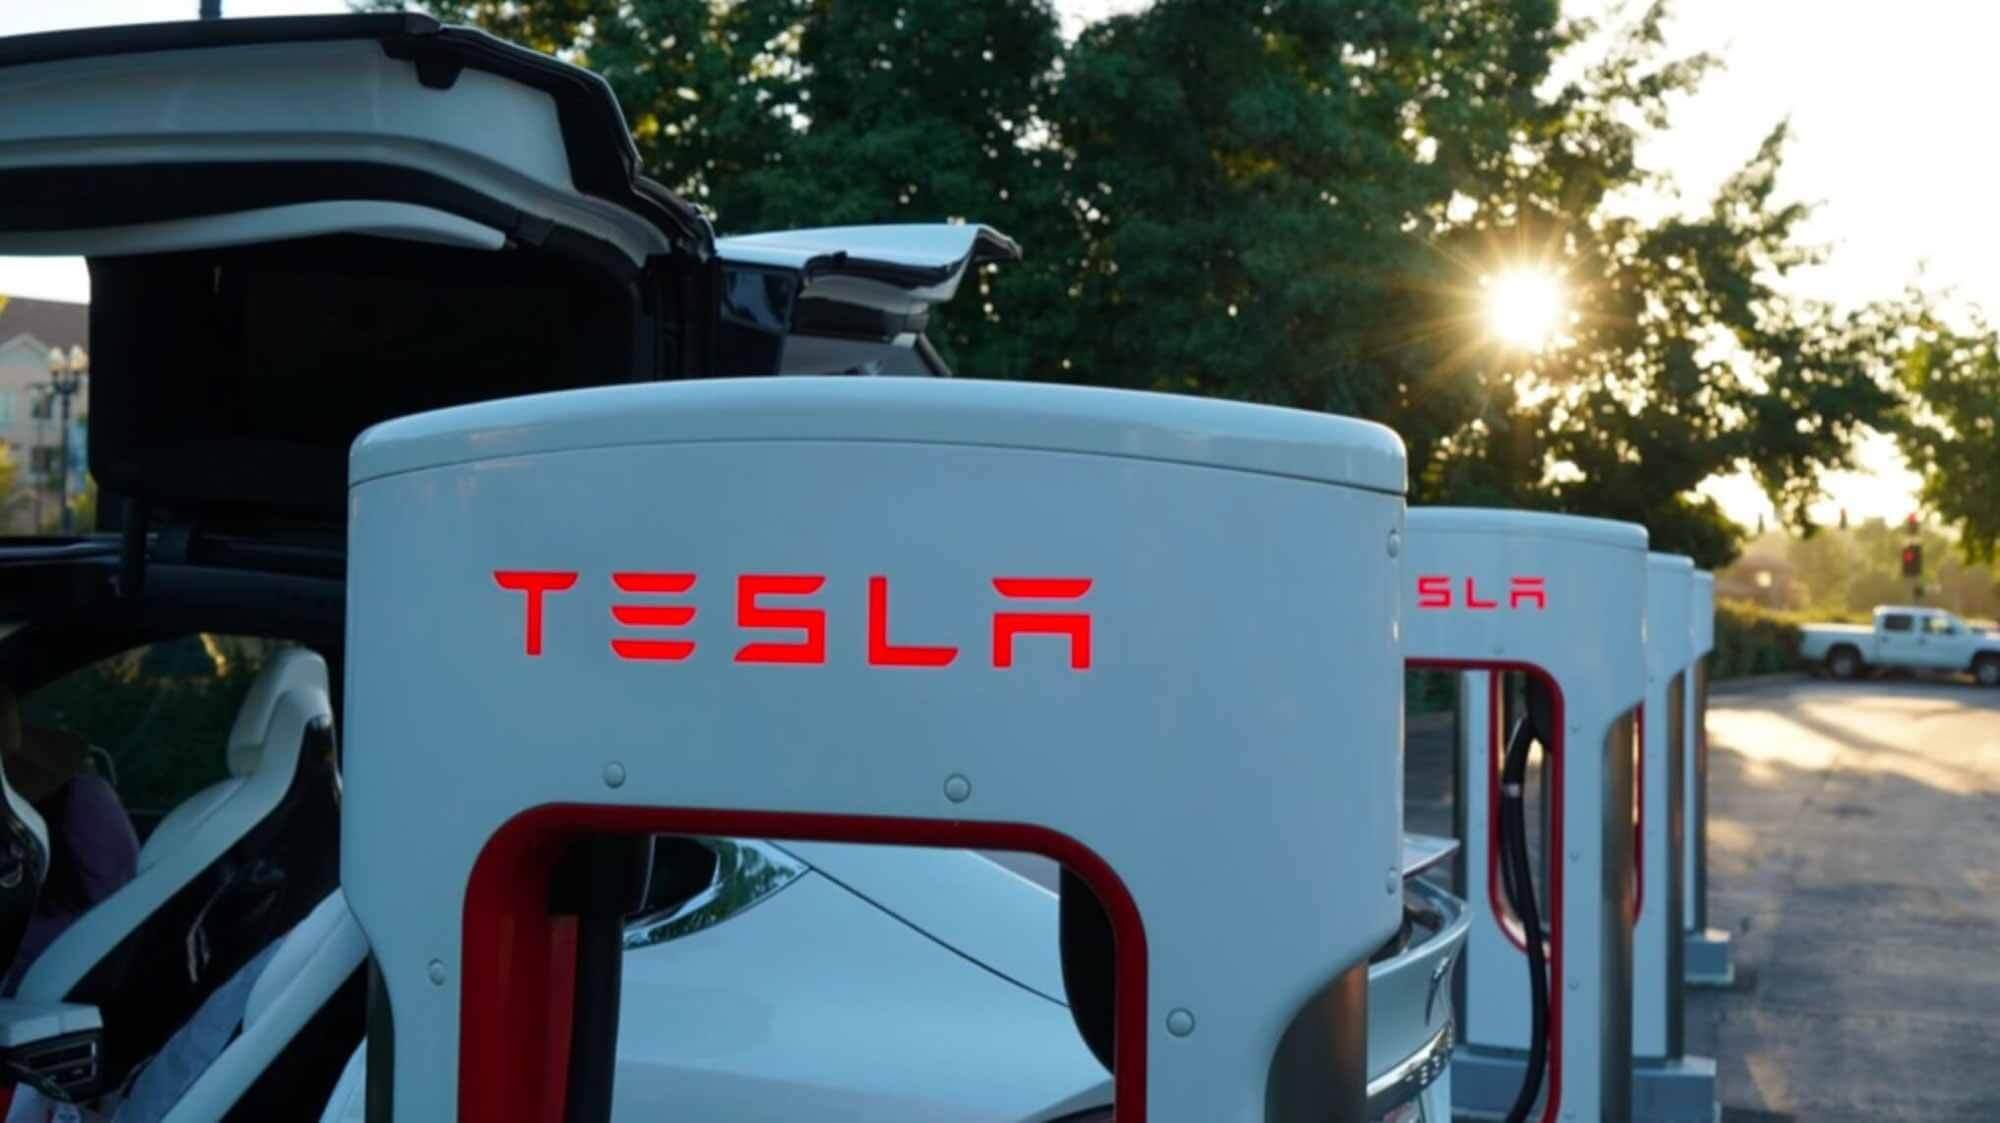 Тесла, прибывающий в Хартленд, станет точкой перелома больших автомобильных потребностей